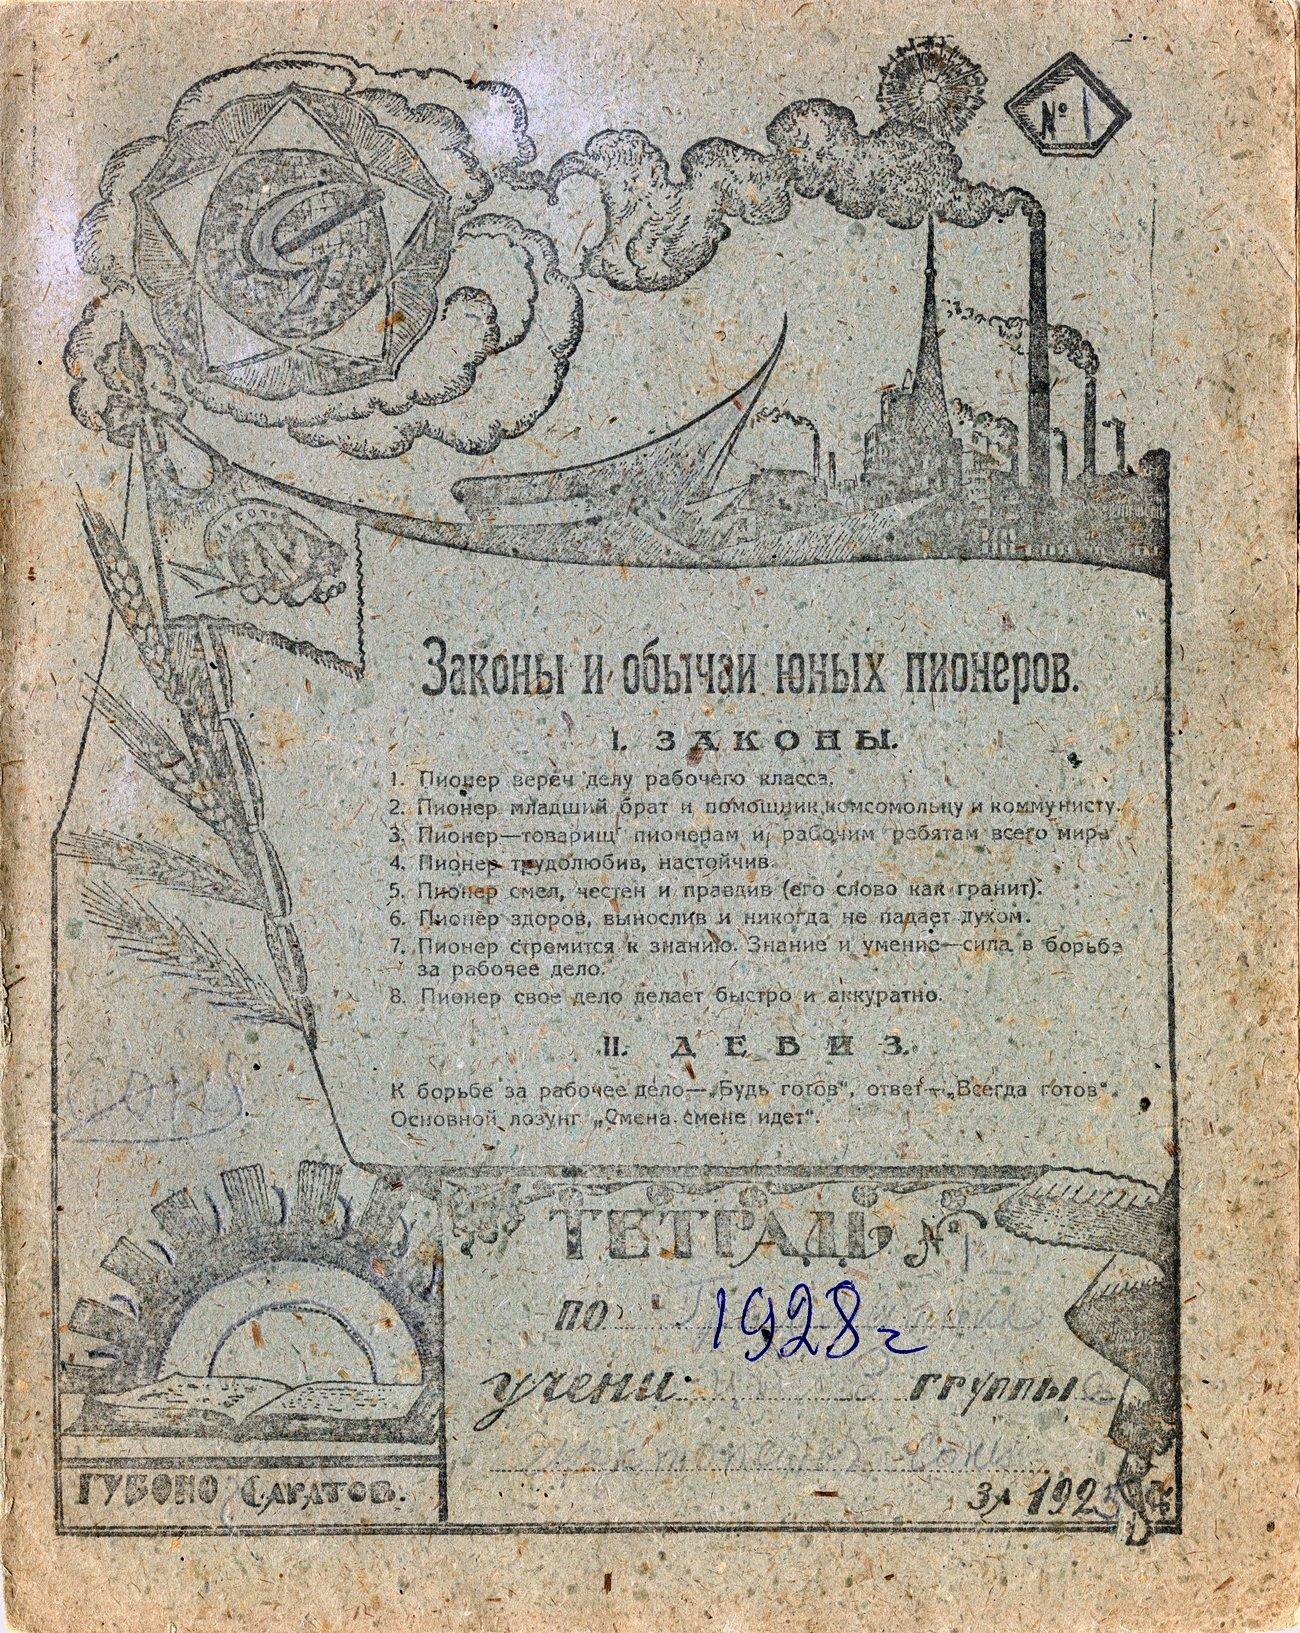 Губоно Саратов 1928, 175х220